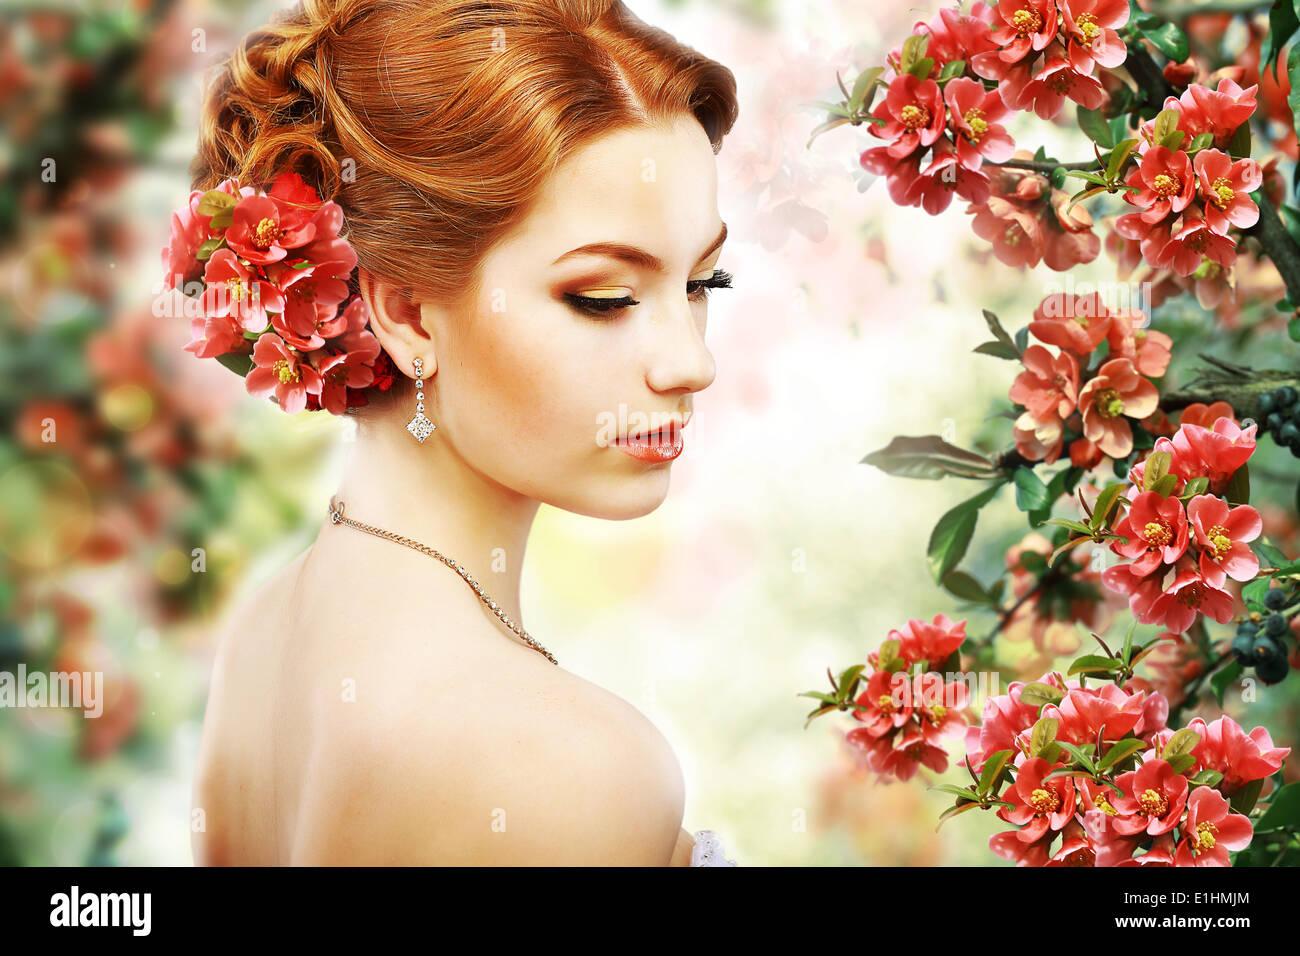 La relaxation. Profil de la beauté des cheveux rouge sur fond de fleurs naturelles. La nature. Blossom Banque D'Images